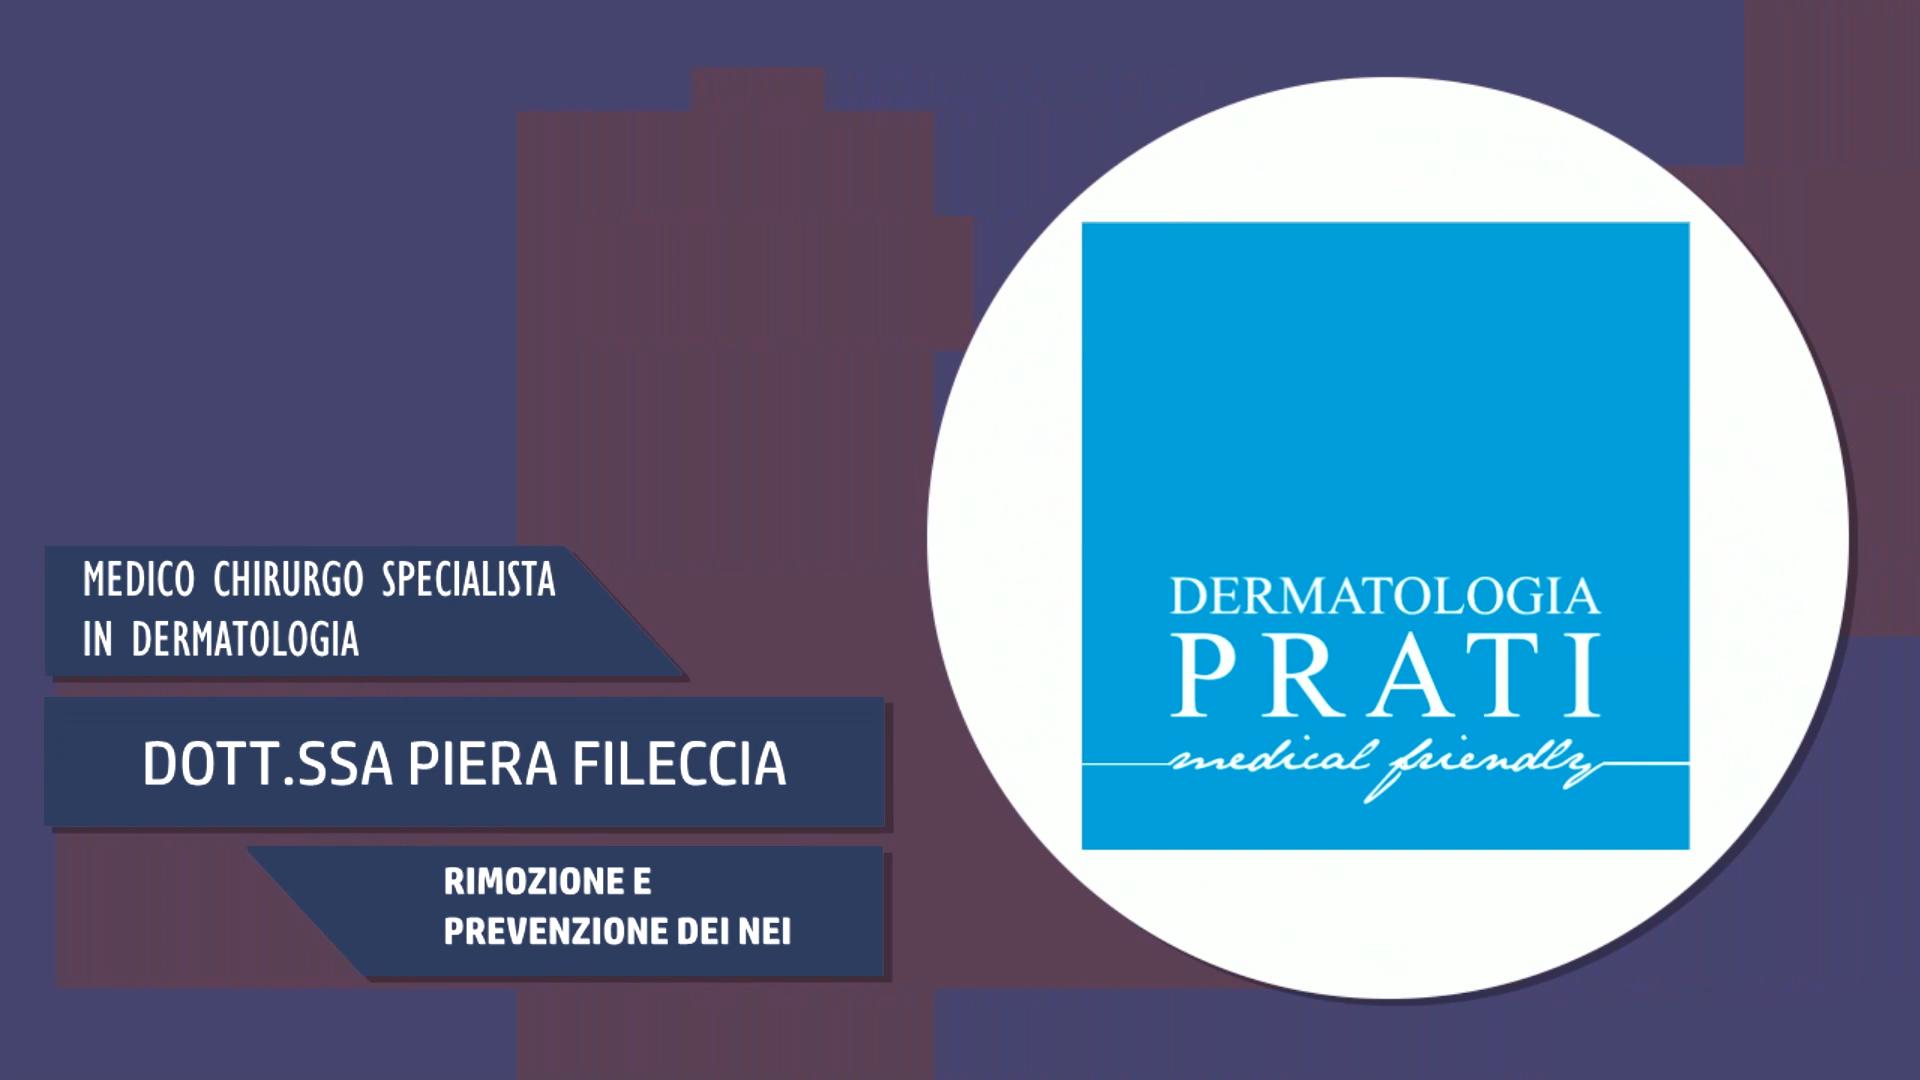 Intervista alla Dott.ssa Piera Fileccia – Rimozione e Prevenzione dei nei